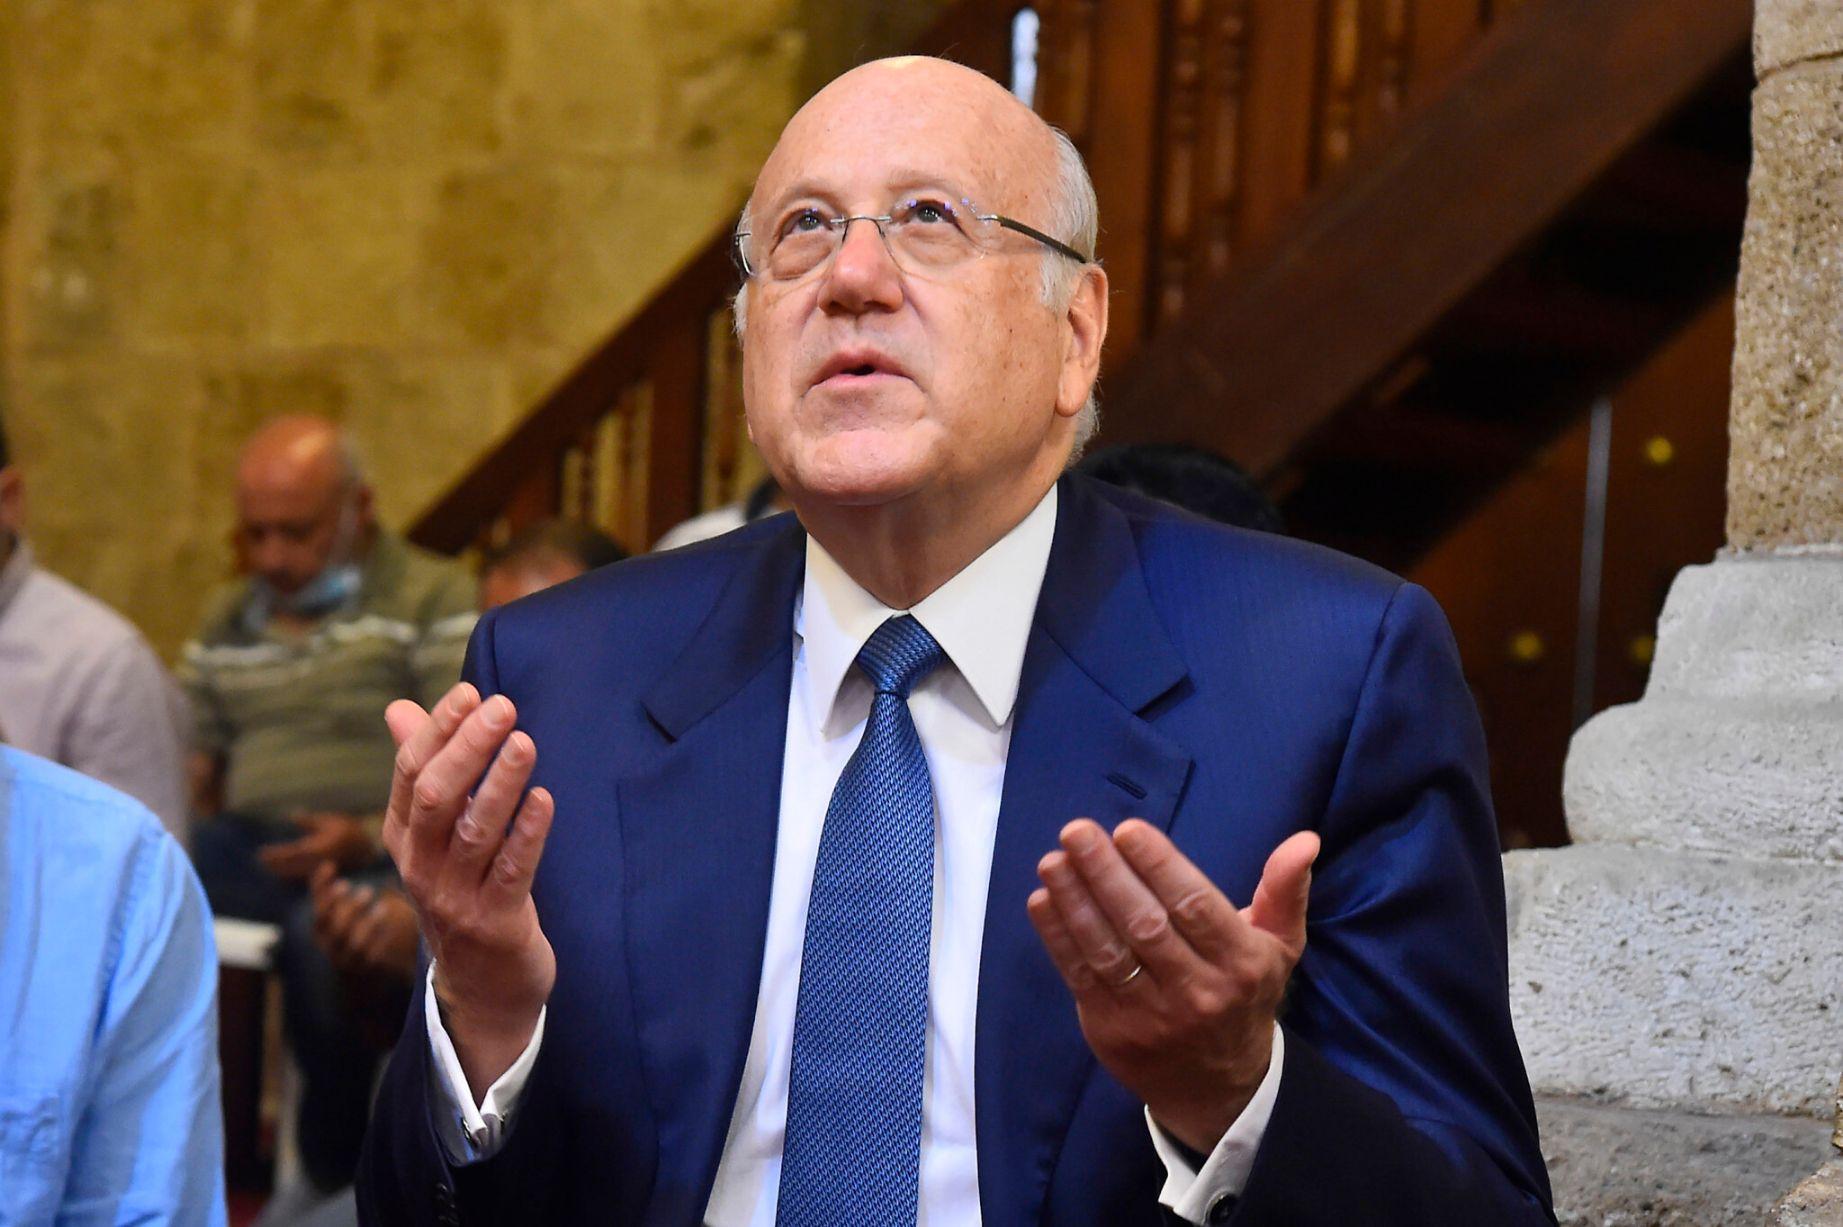 رئيس الحكومة اللبنانية يطلب منع إسرائيل من التنقيب عن النفط بالمنطقة المتنازع عليها